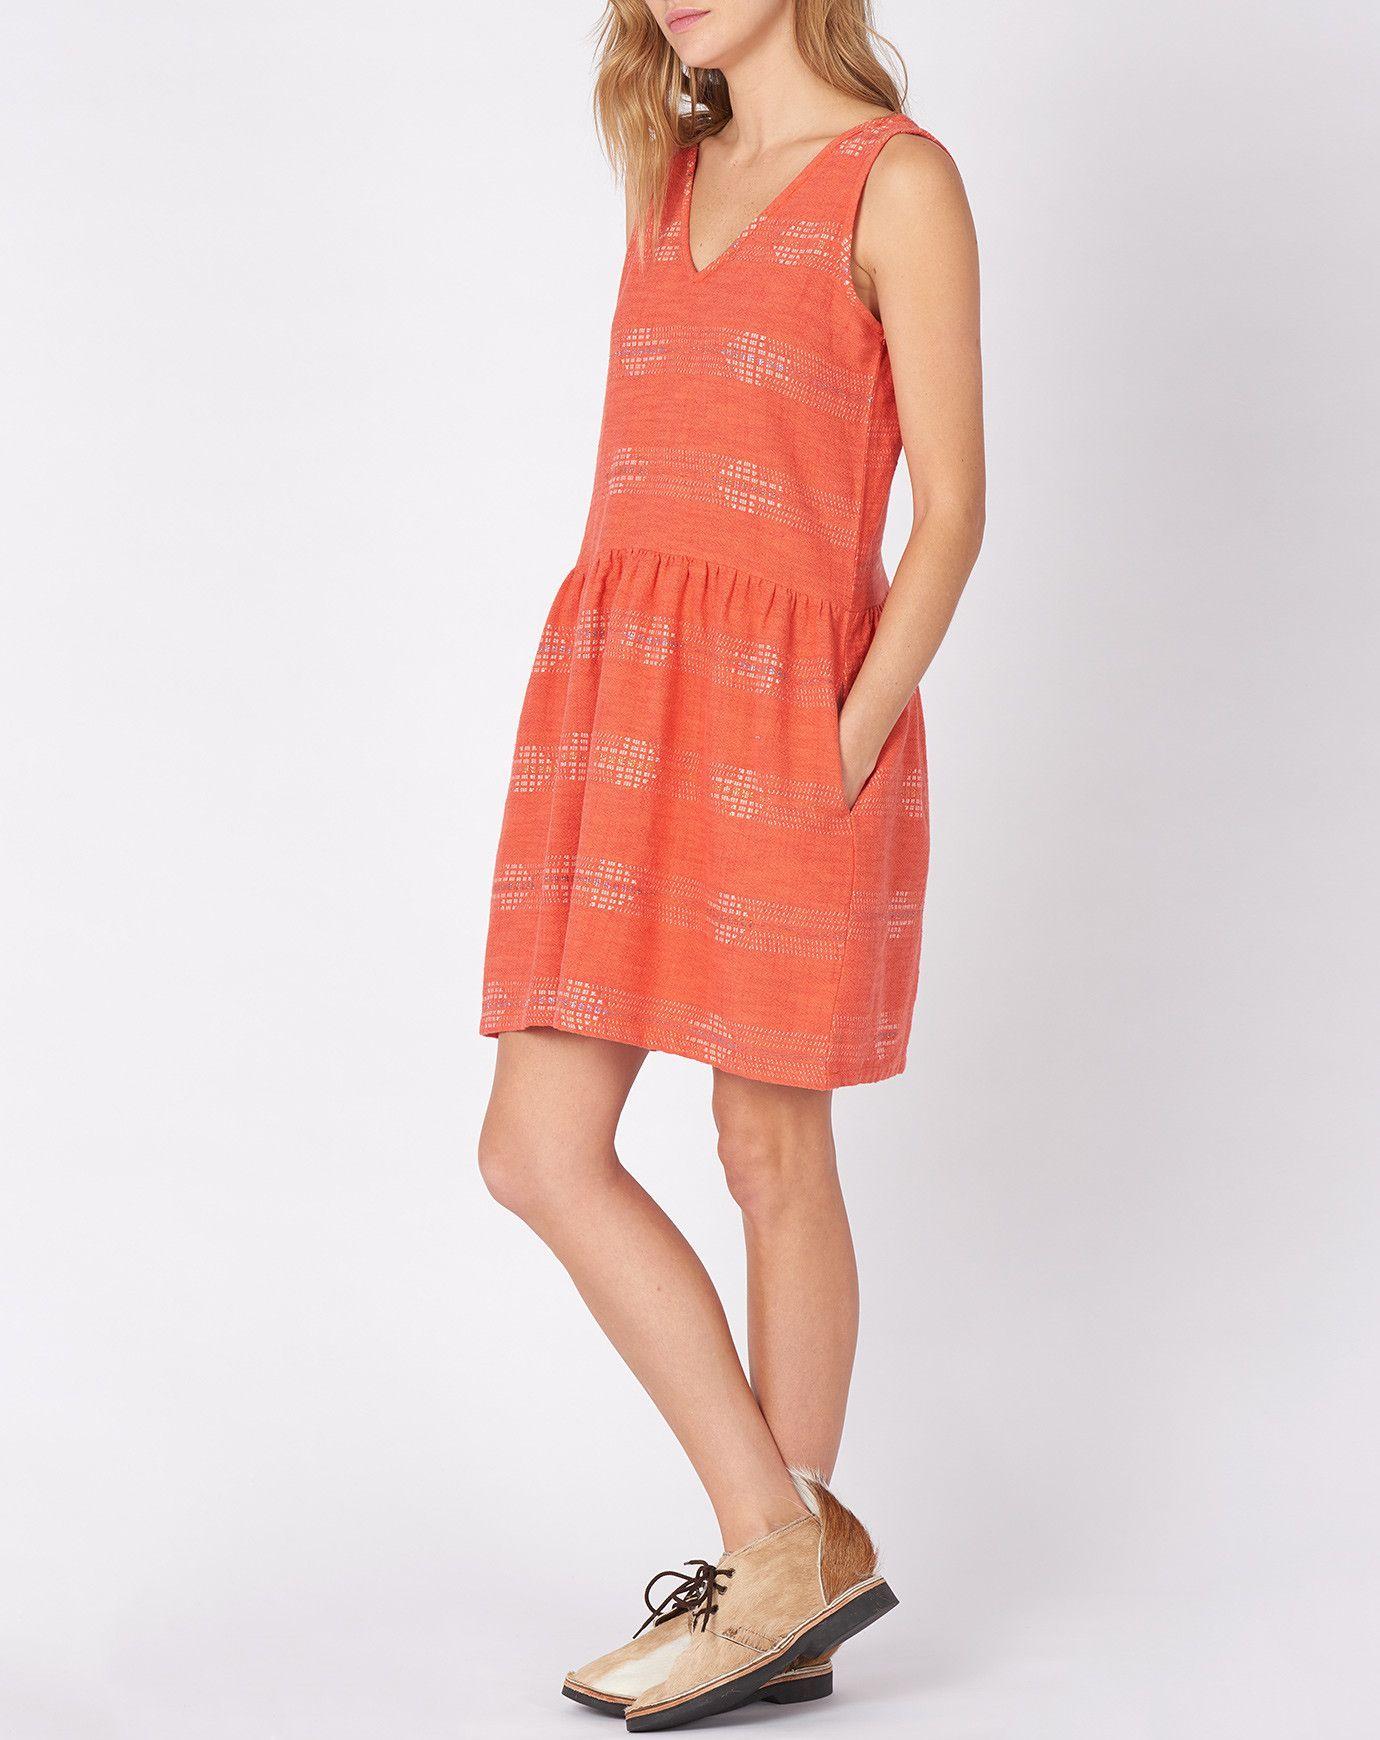 Ace jig fiesta dress in flare fiesta dress dresses